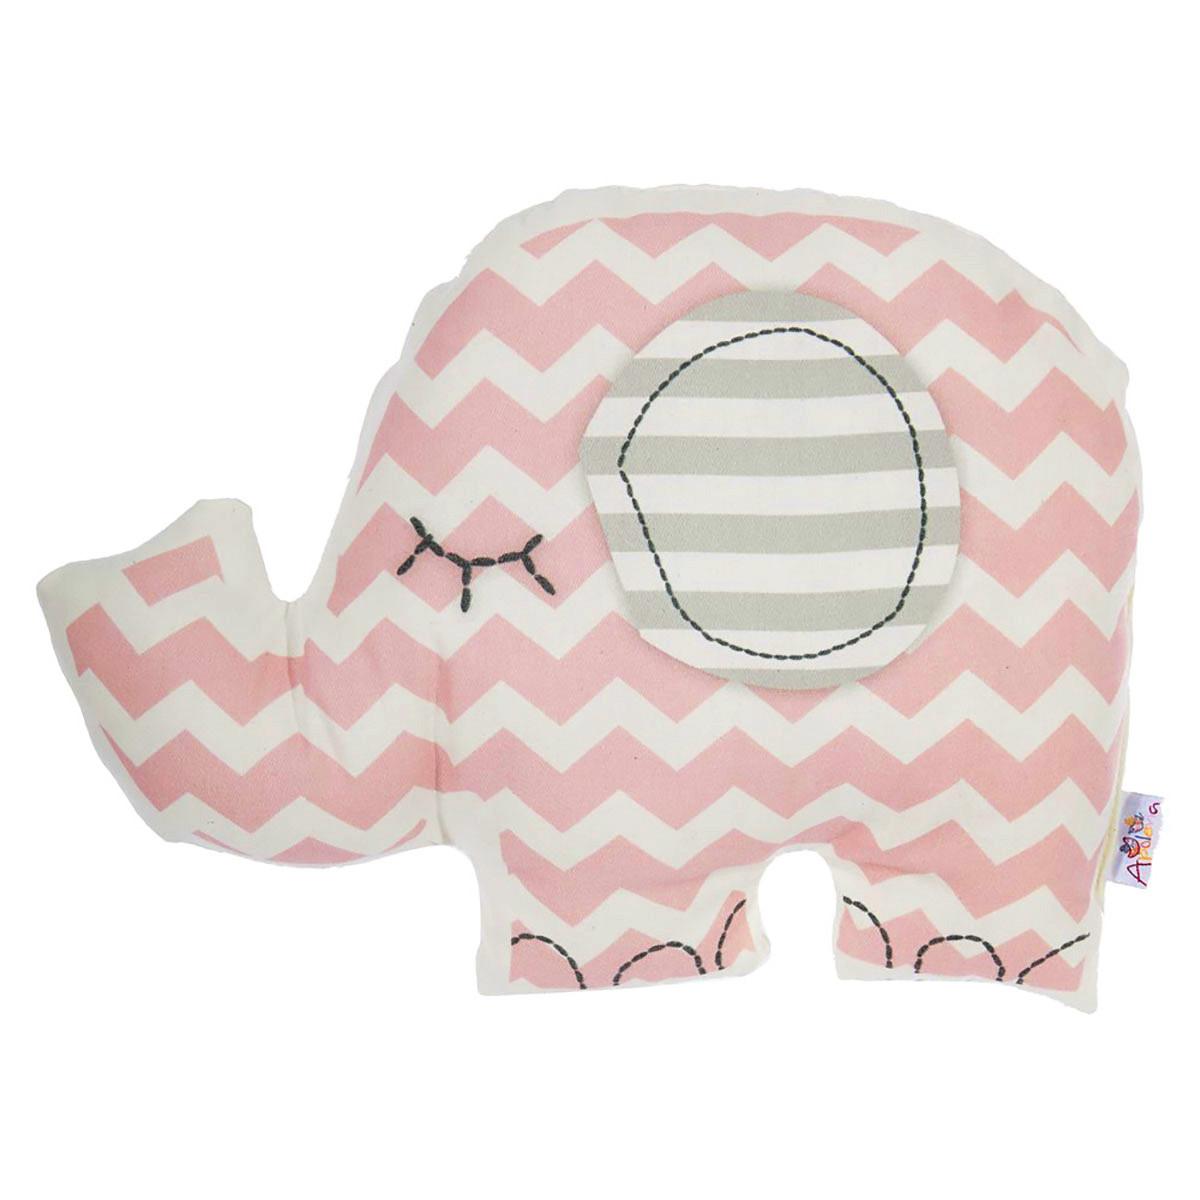 Διακοσμητικό Μαξιλάρι (34×24) Apolena Ελέφαντας Ροζ